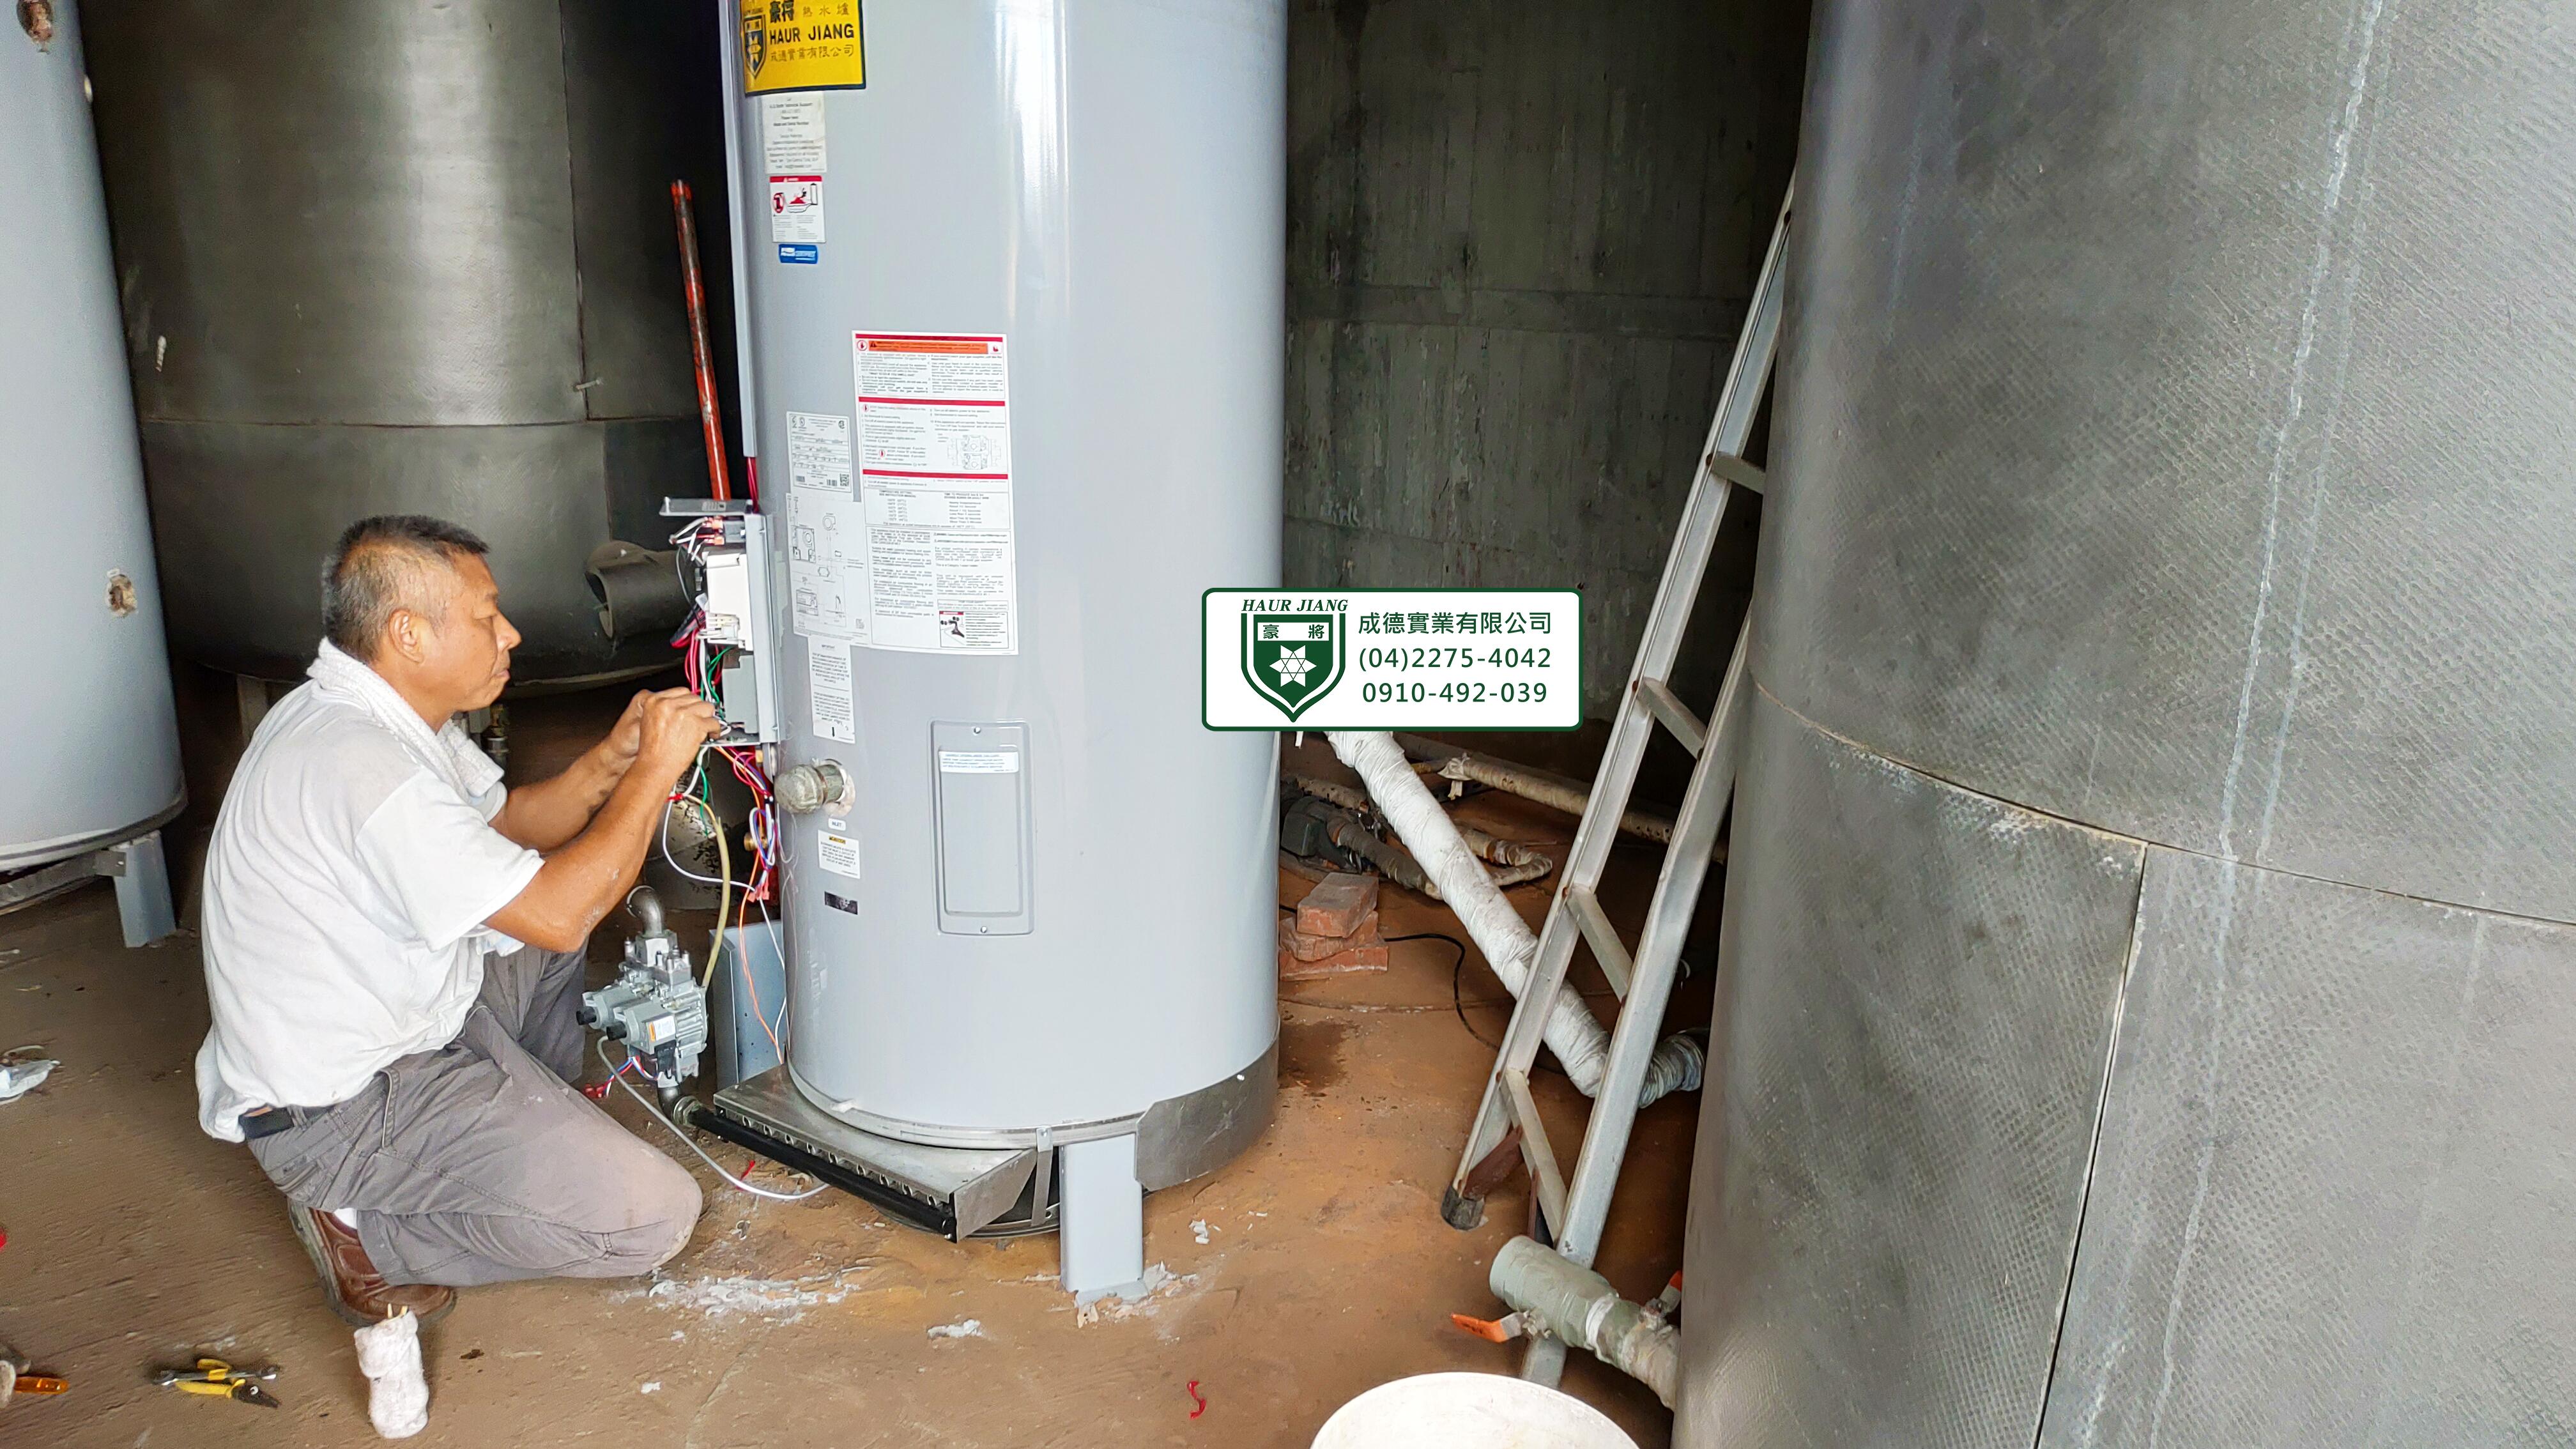 配合業主水質檢測,提前完成定位、配管、安裝。待完成水質檢測後,送水試運轉